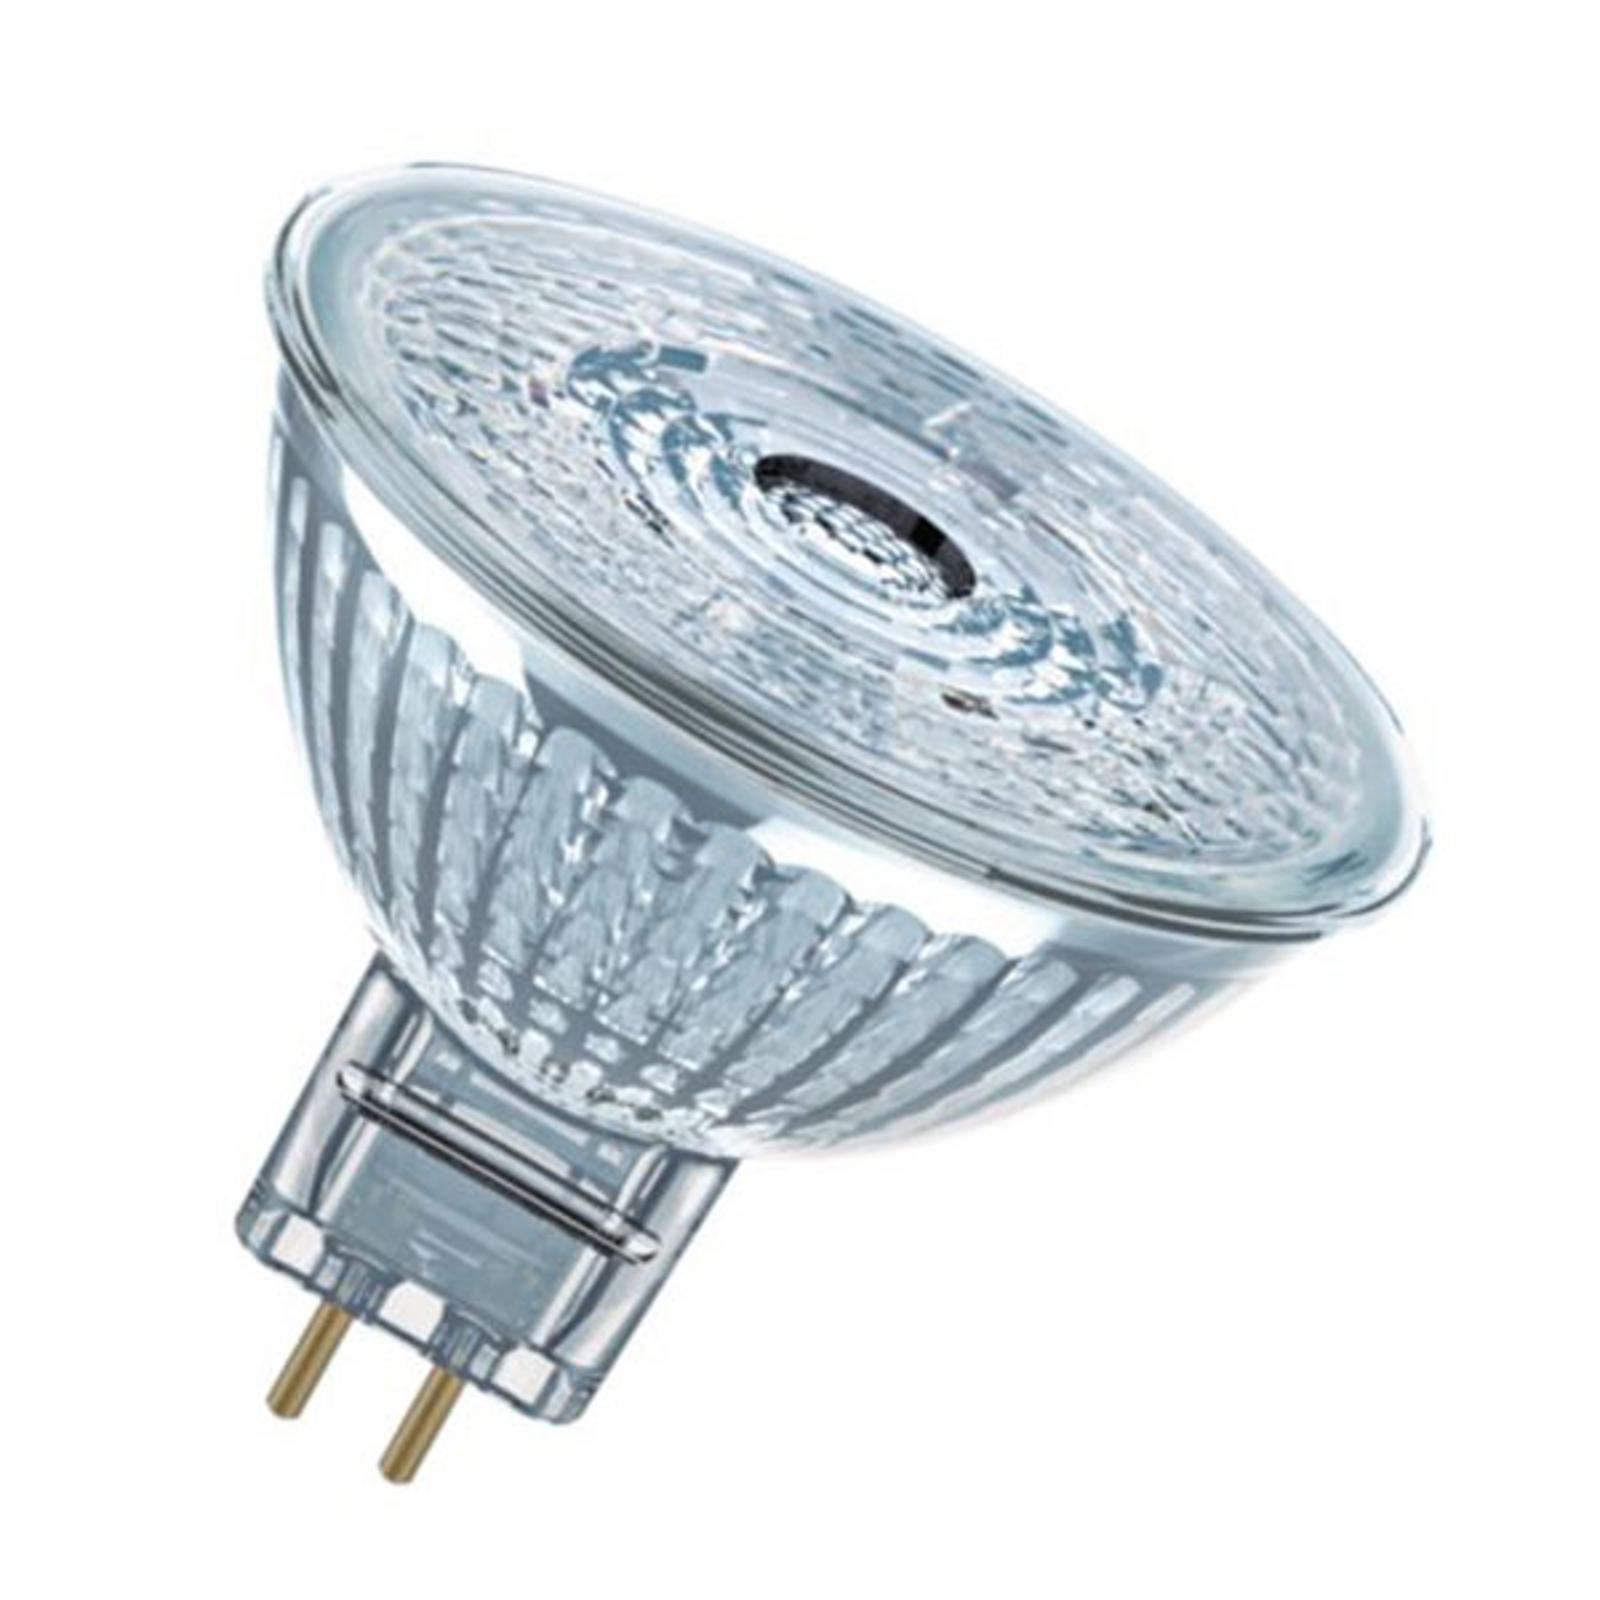 OSRAM LED-reflektor Star GU5,3 8 W varmhvit